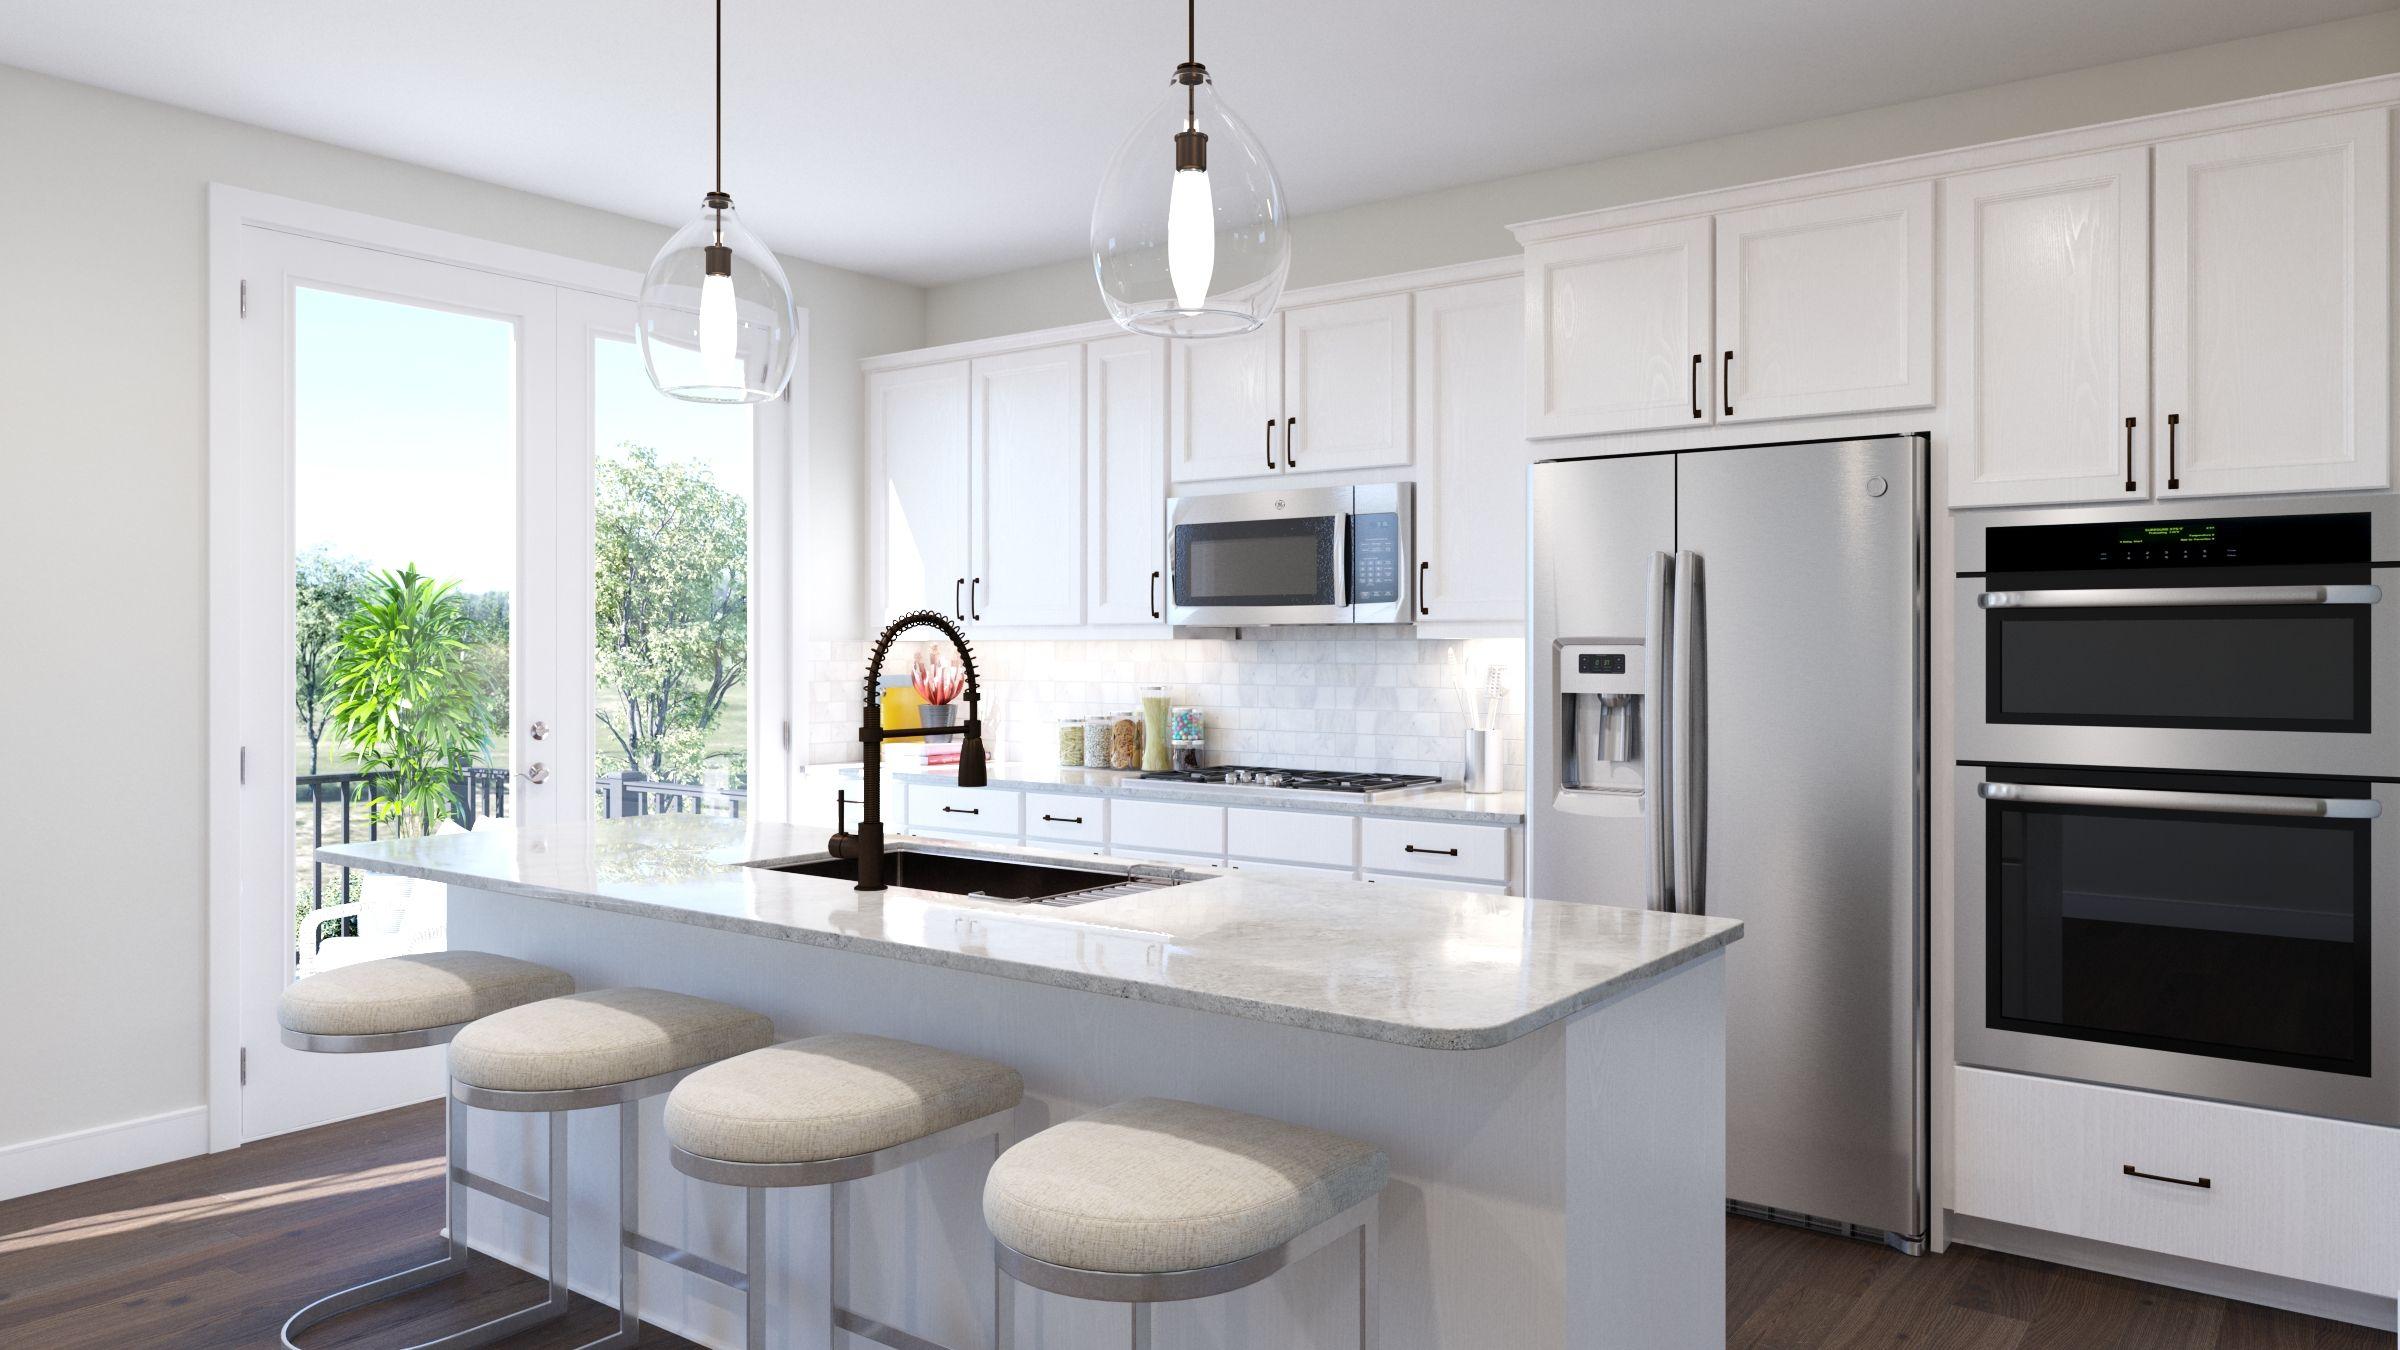 Kitchen featured in the Tiegan By Van Metre Homes in Washington, VA